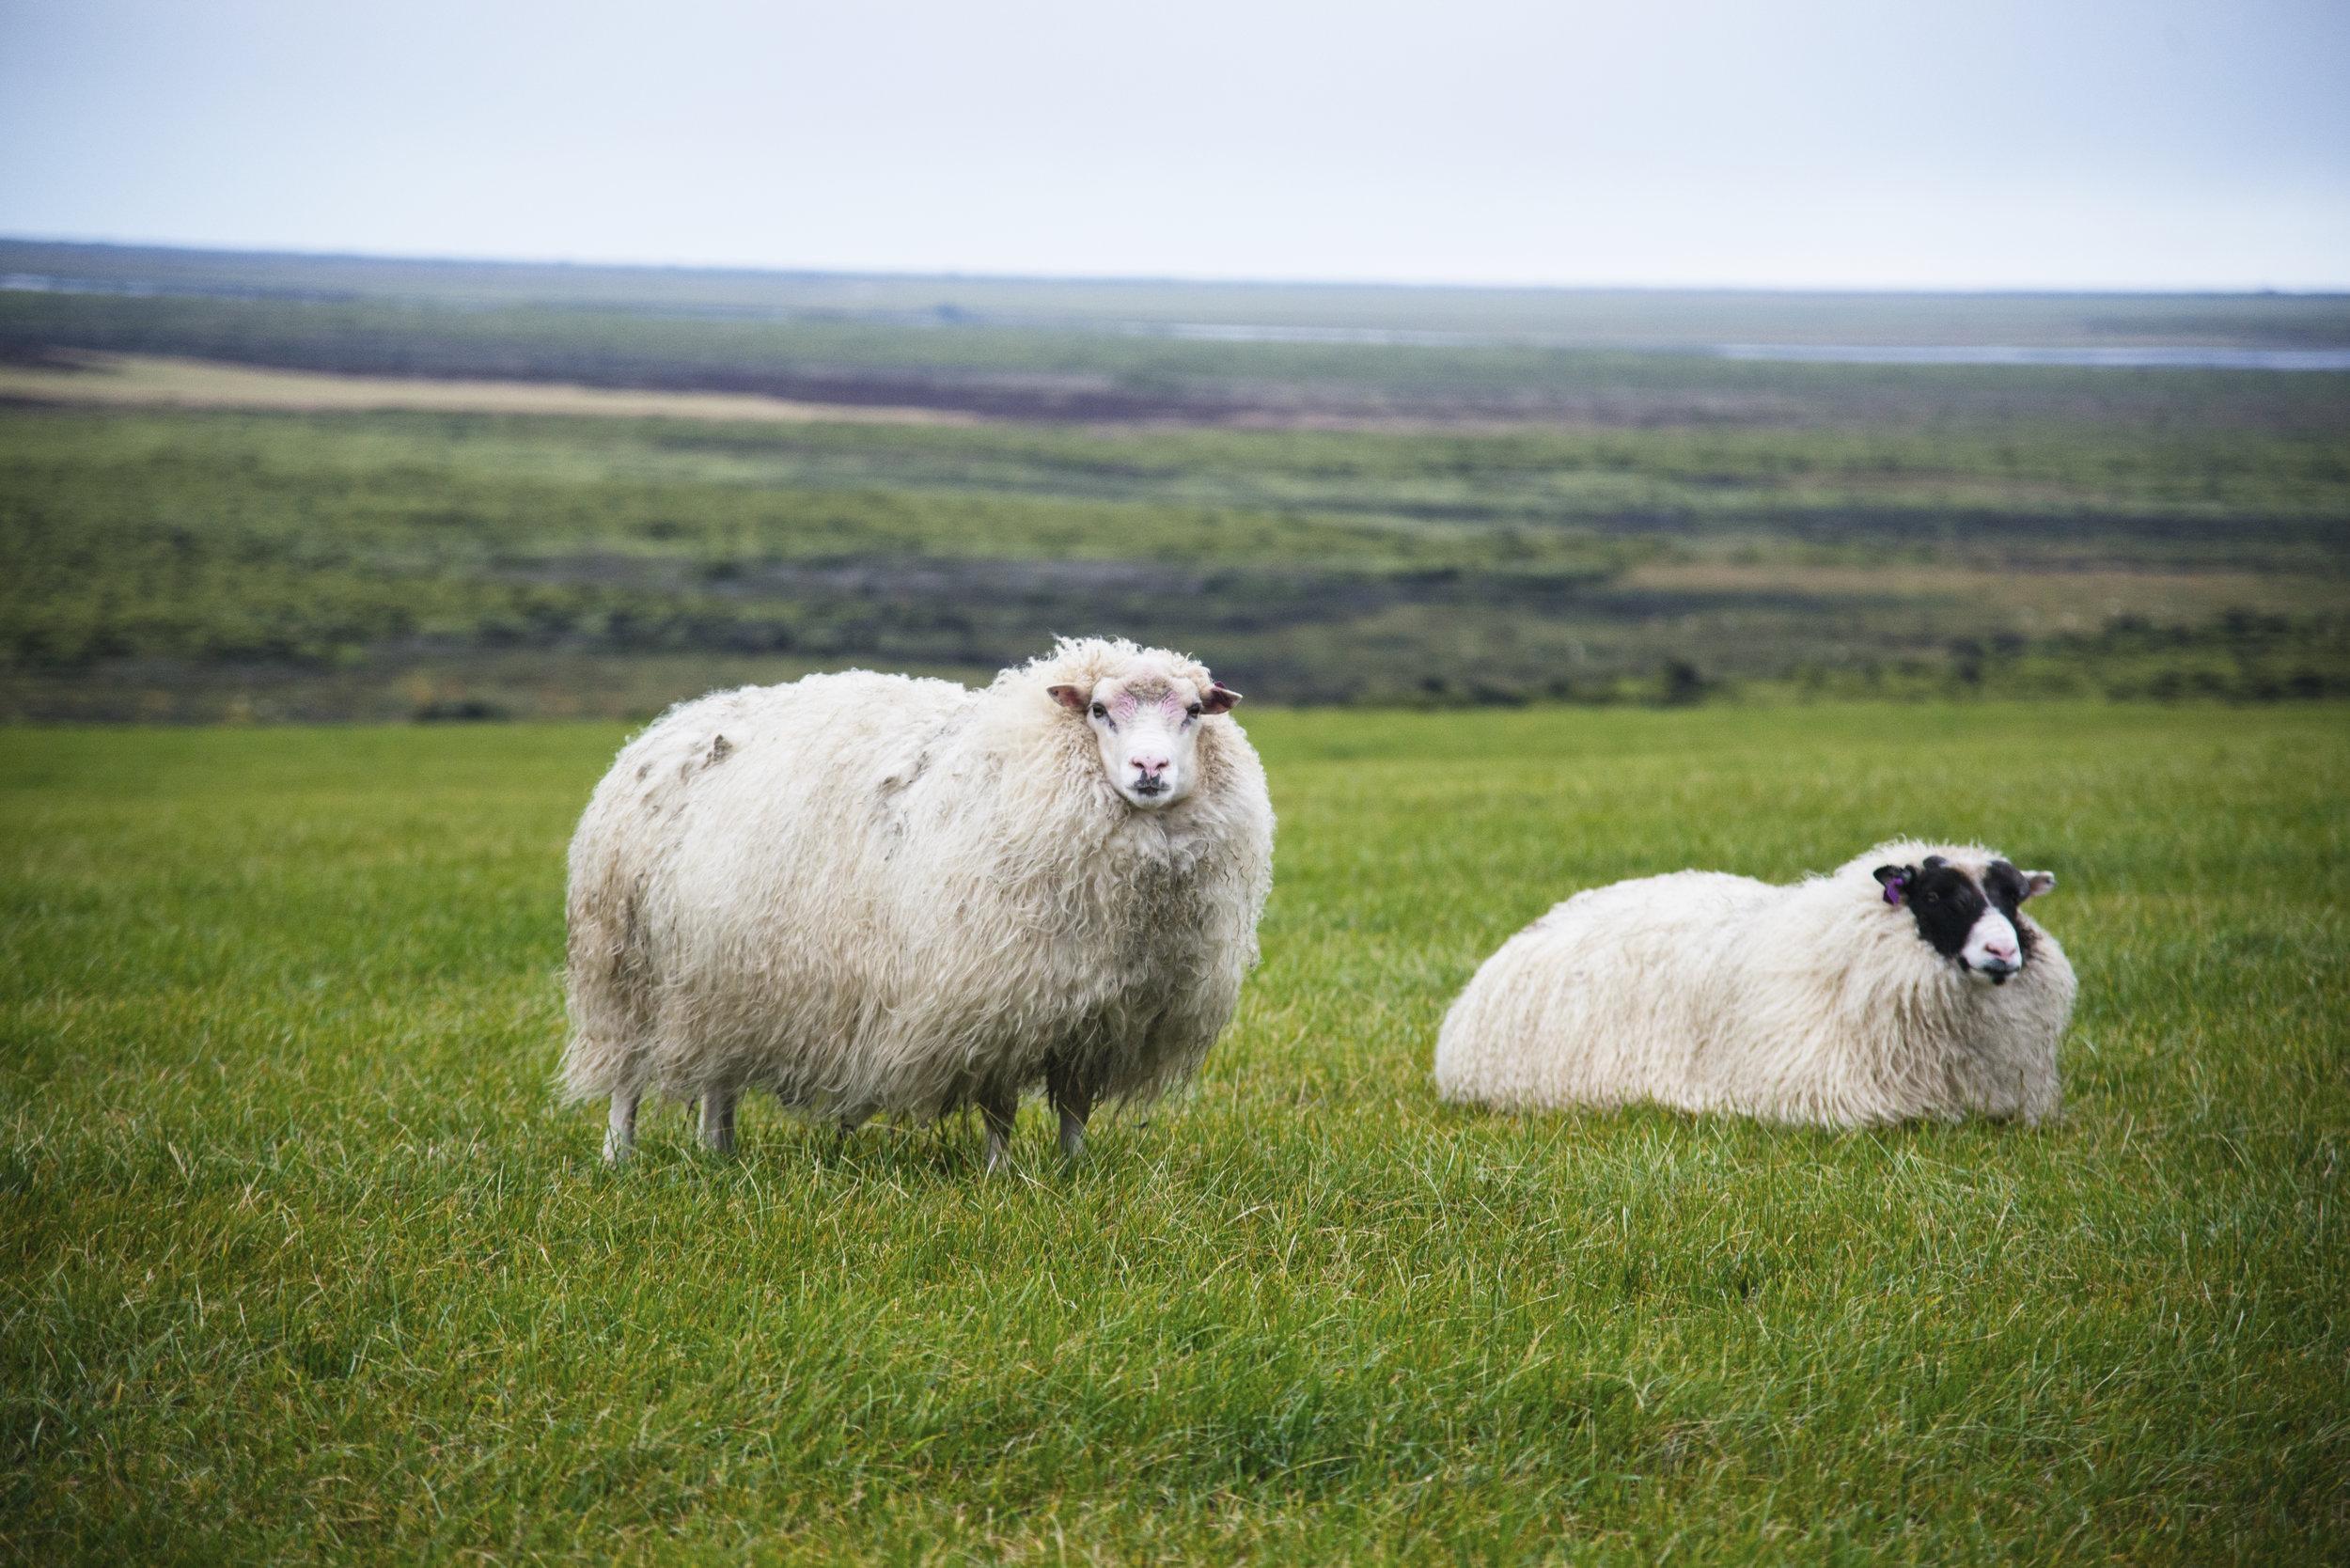 2 Sheep in a Field in Iceland.jpg